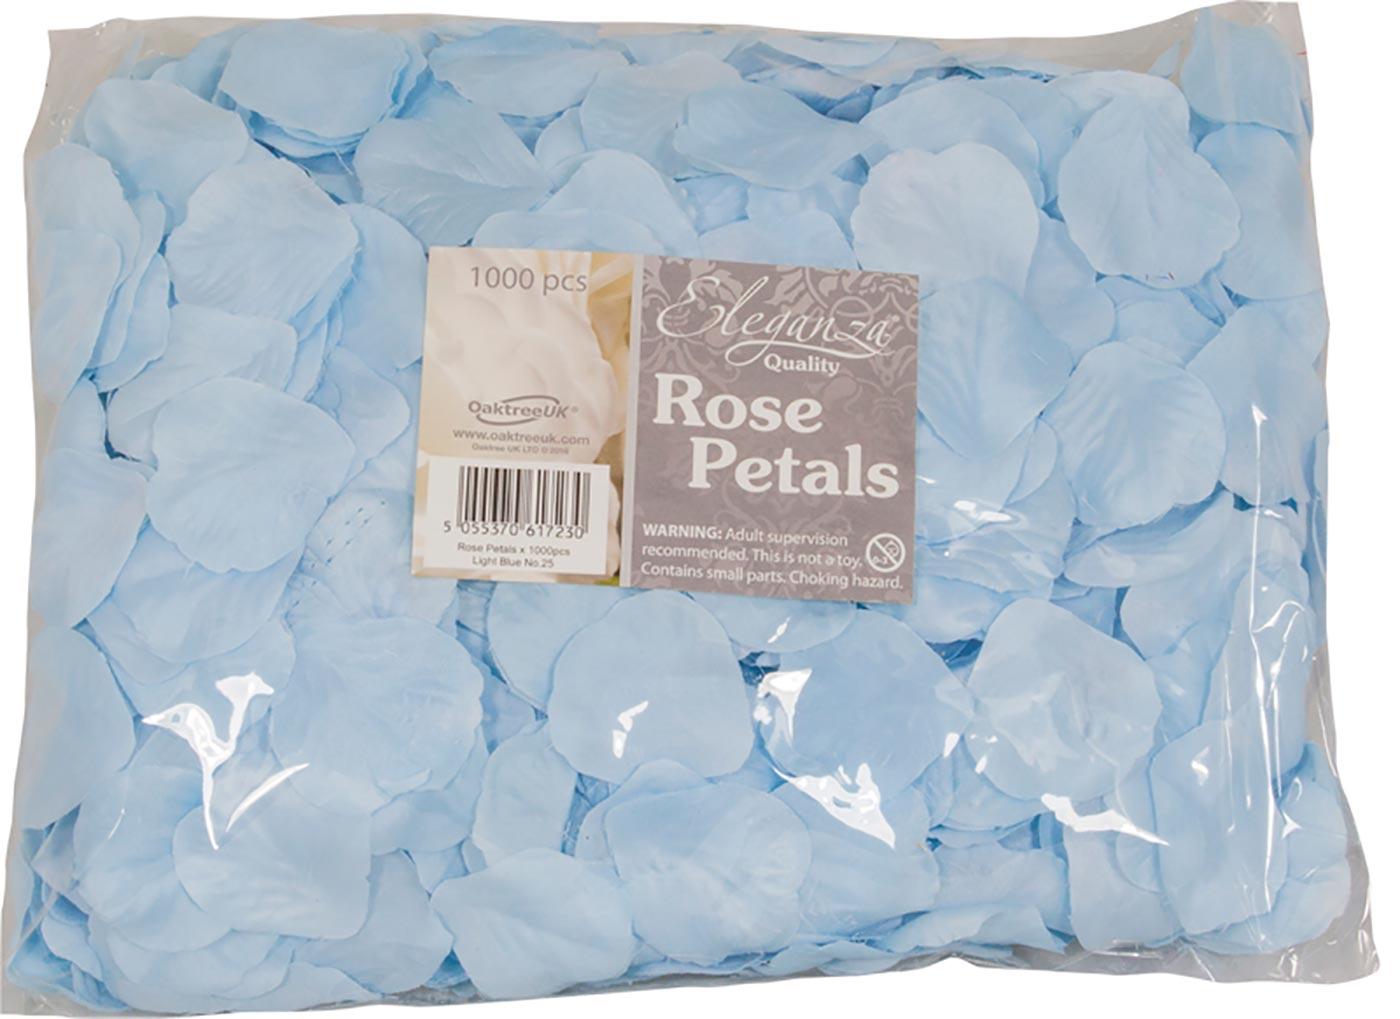 Eleganza Rose Petals x 1000pcs Lt. Blue